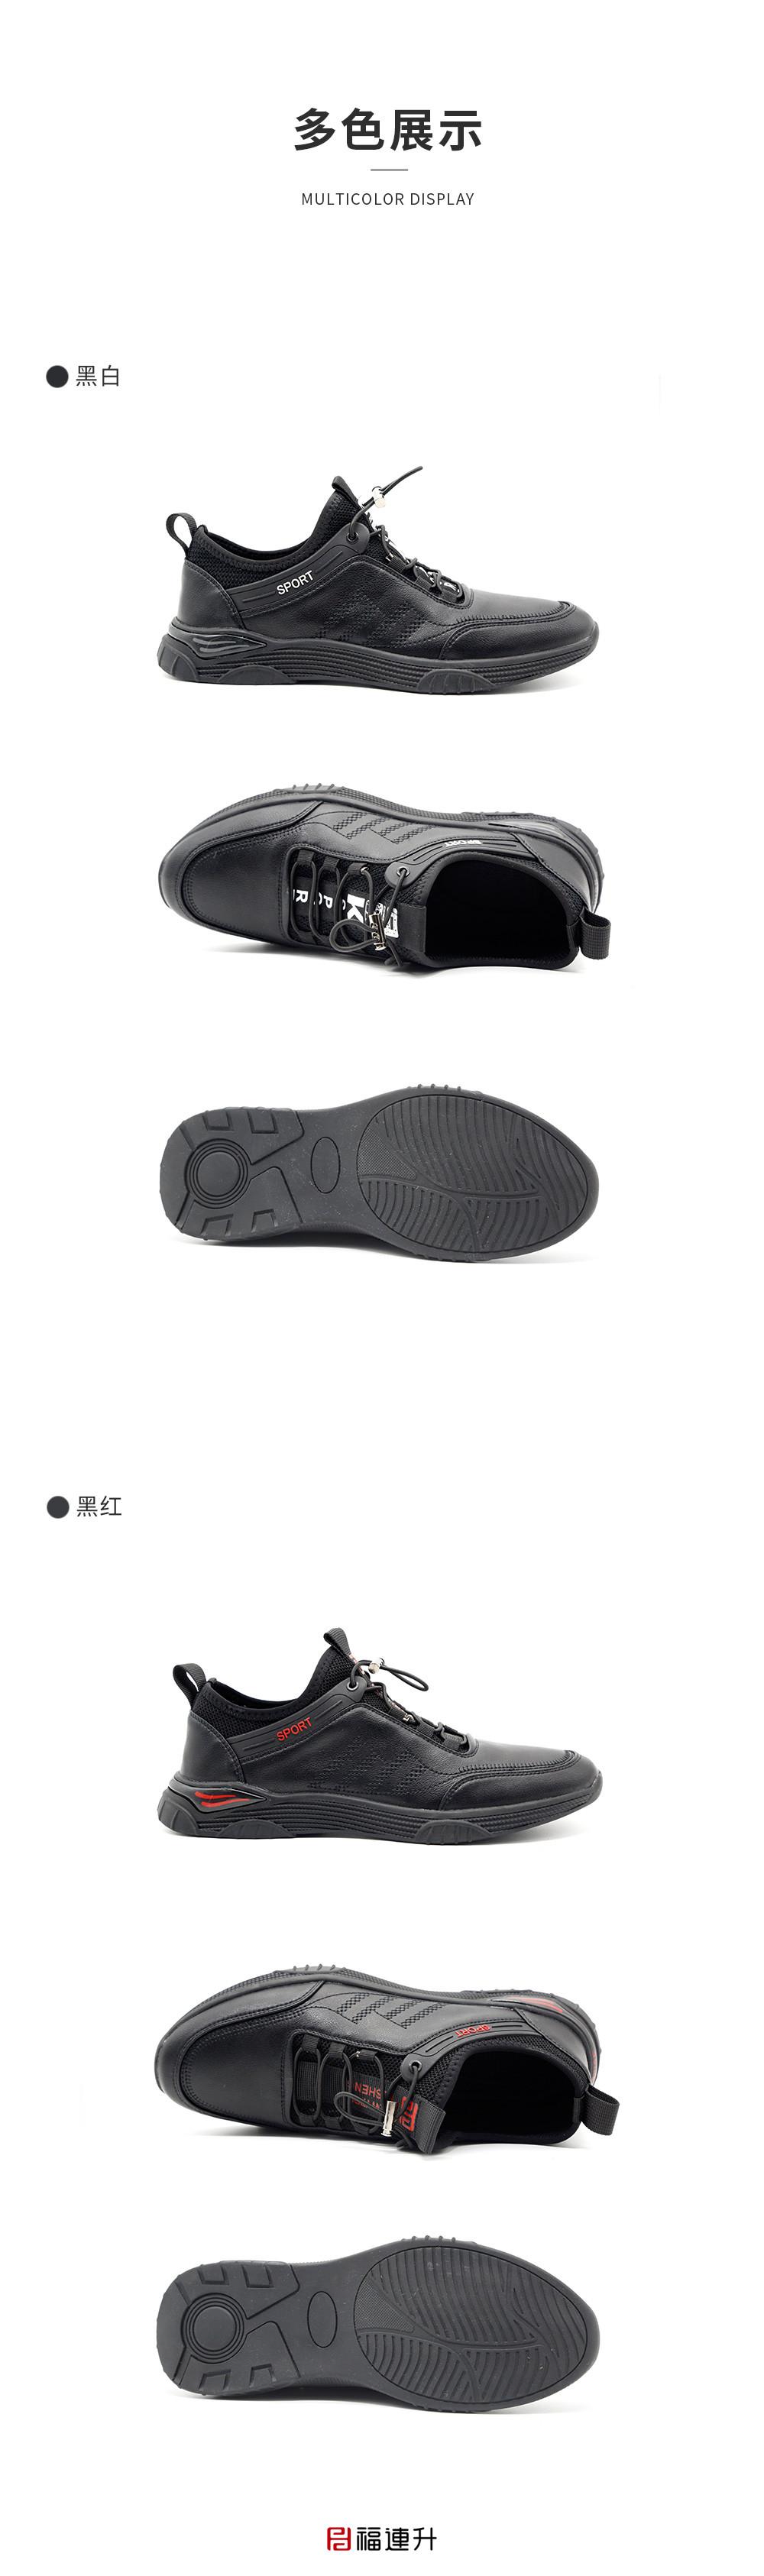 福连升男鞋春季运动休闲鞋厚底青年男士系带韩版潮鞋图片